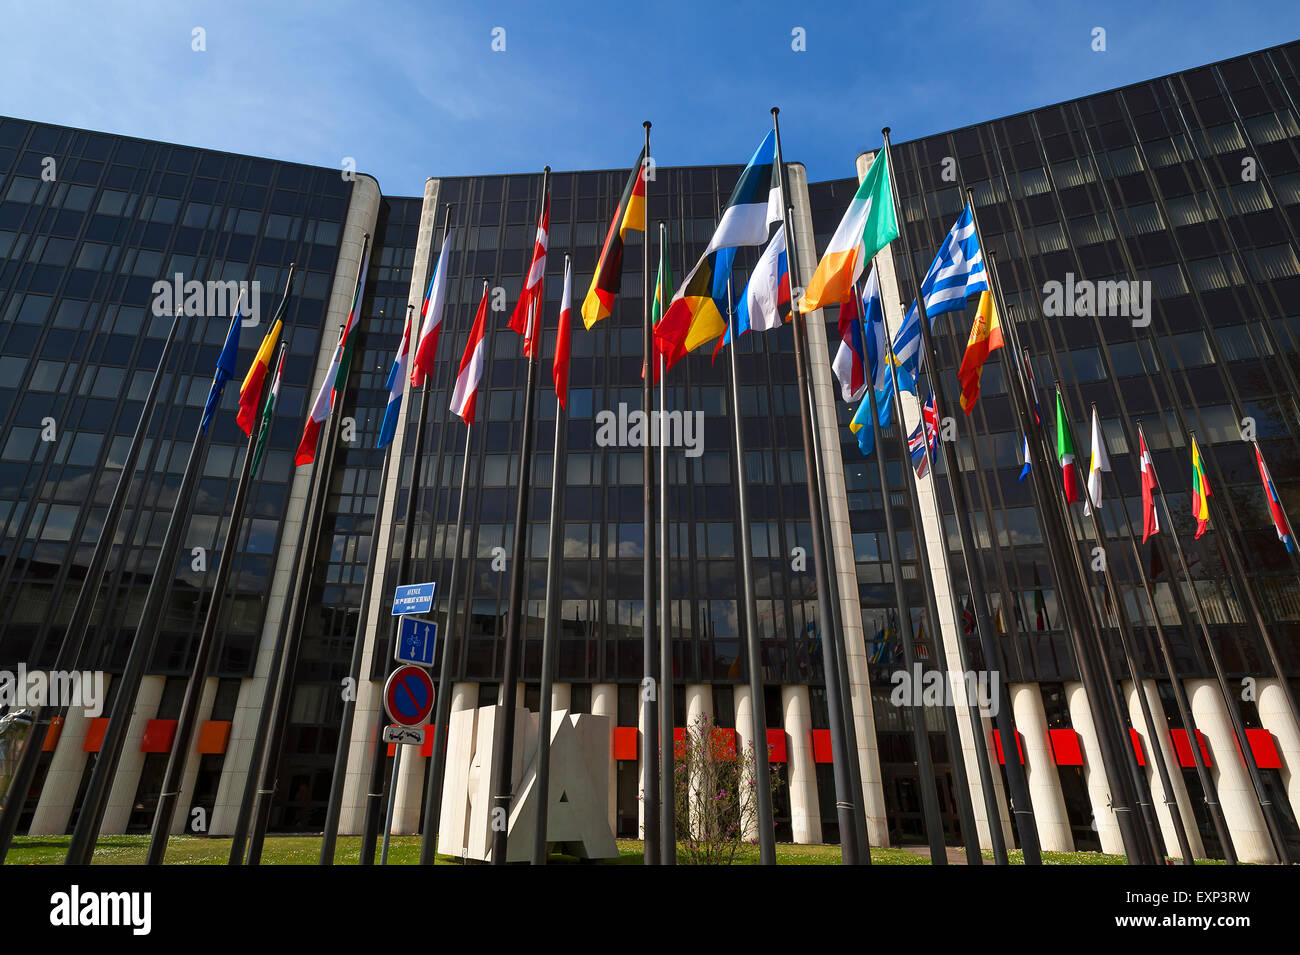 Internationale Fahnen vor einem Gebäude in der Eurodistrict, Straßburg, Elsass, Frankreich Stockfoto